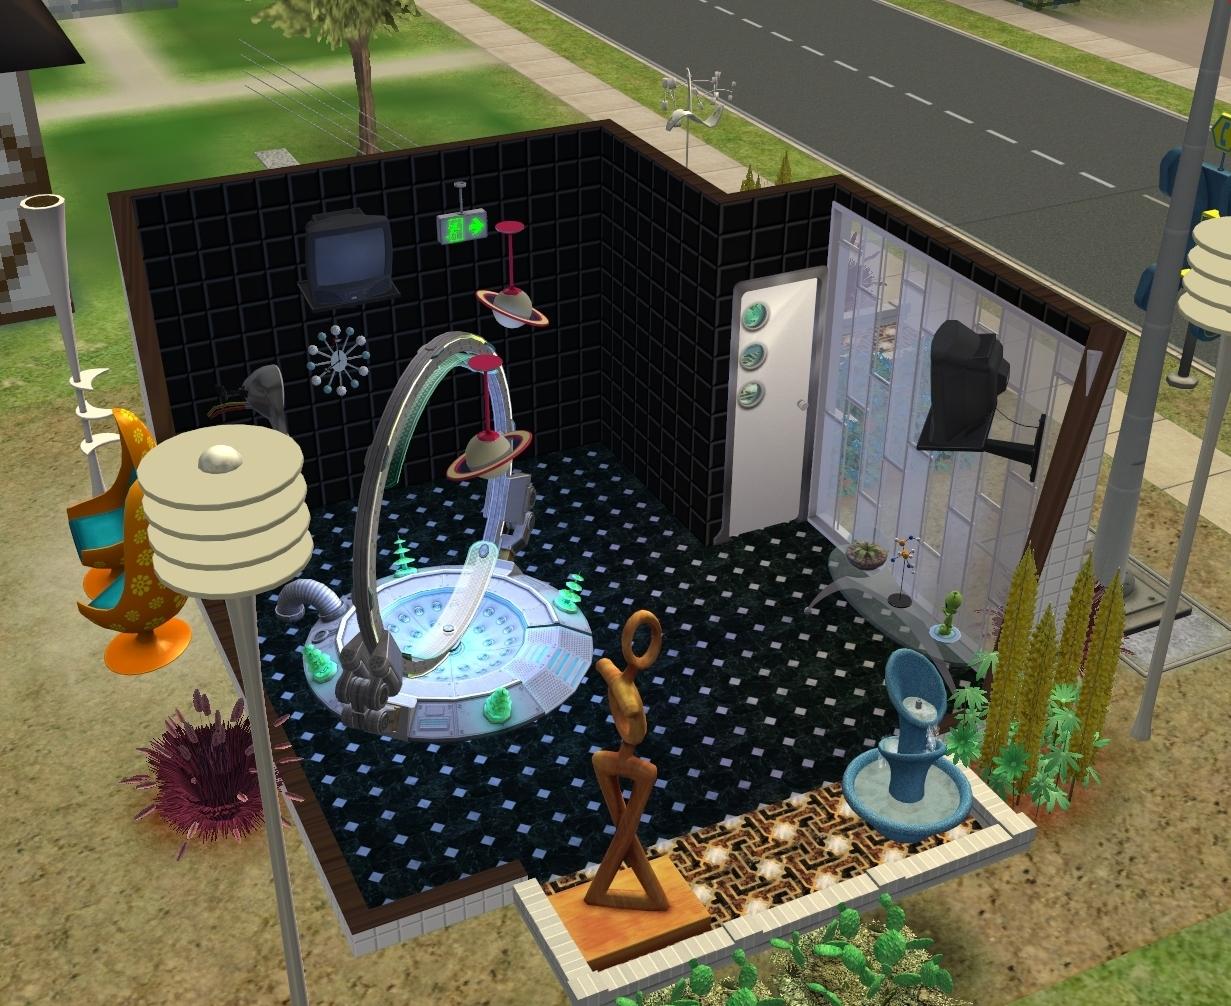 Sims 2 stuff